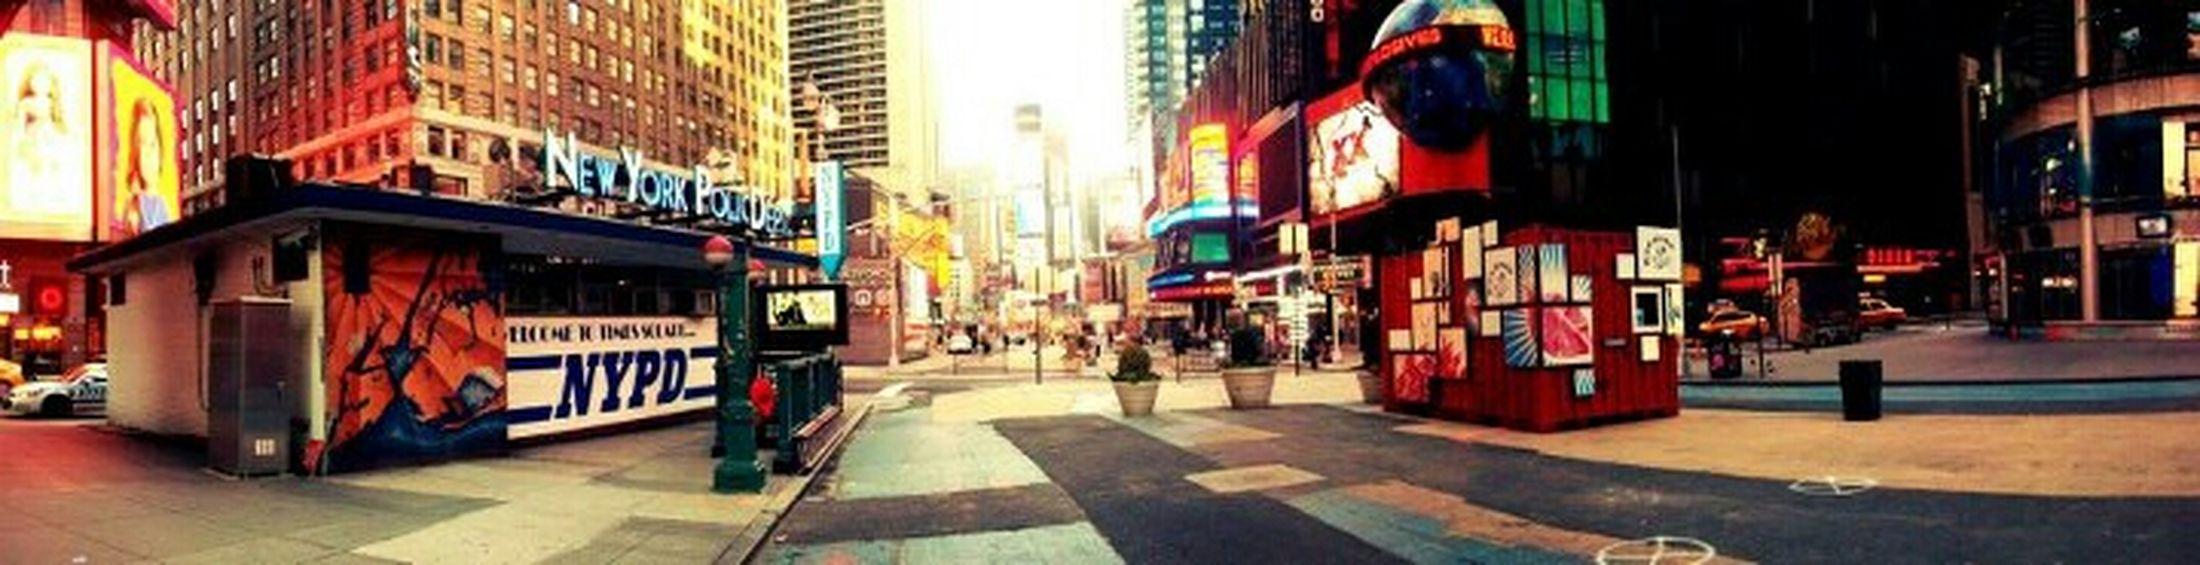 NYC Streetphotography City Landscape